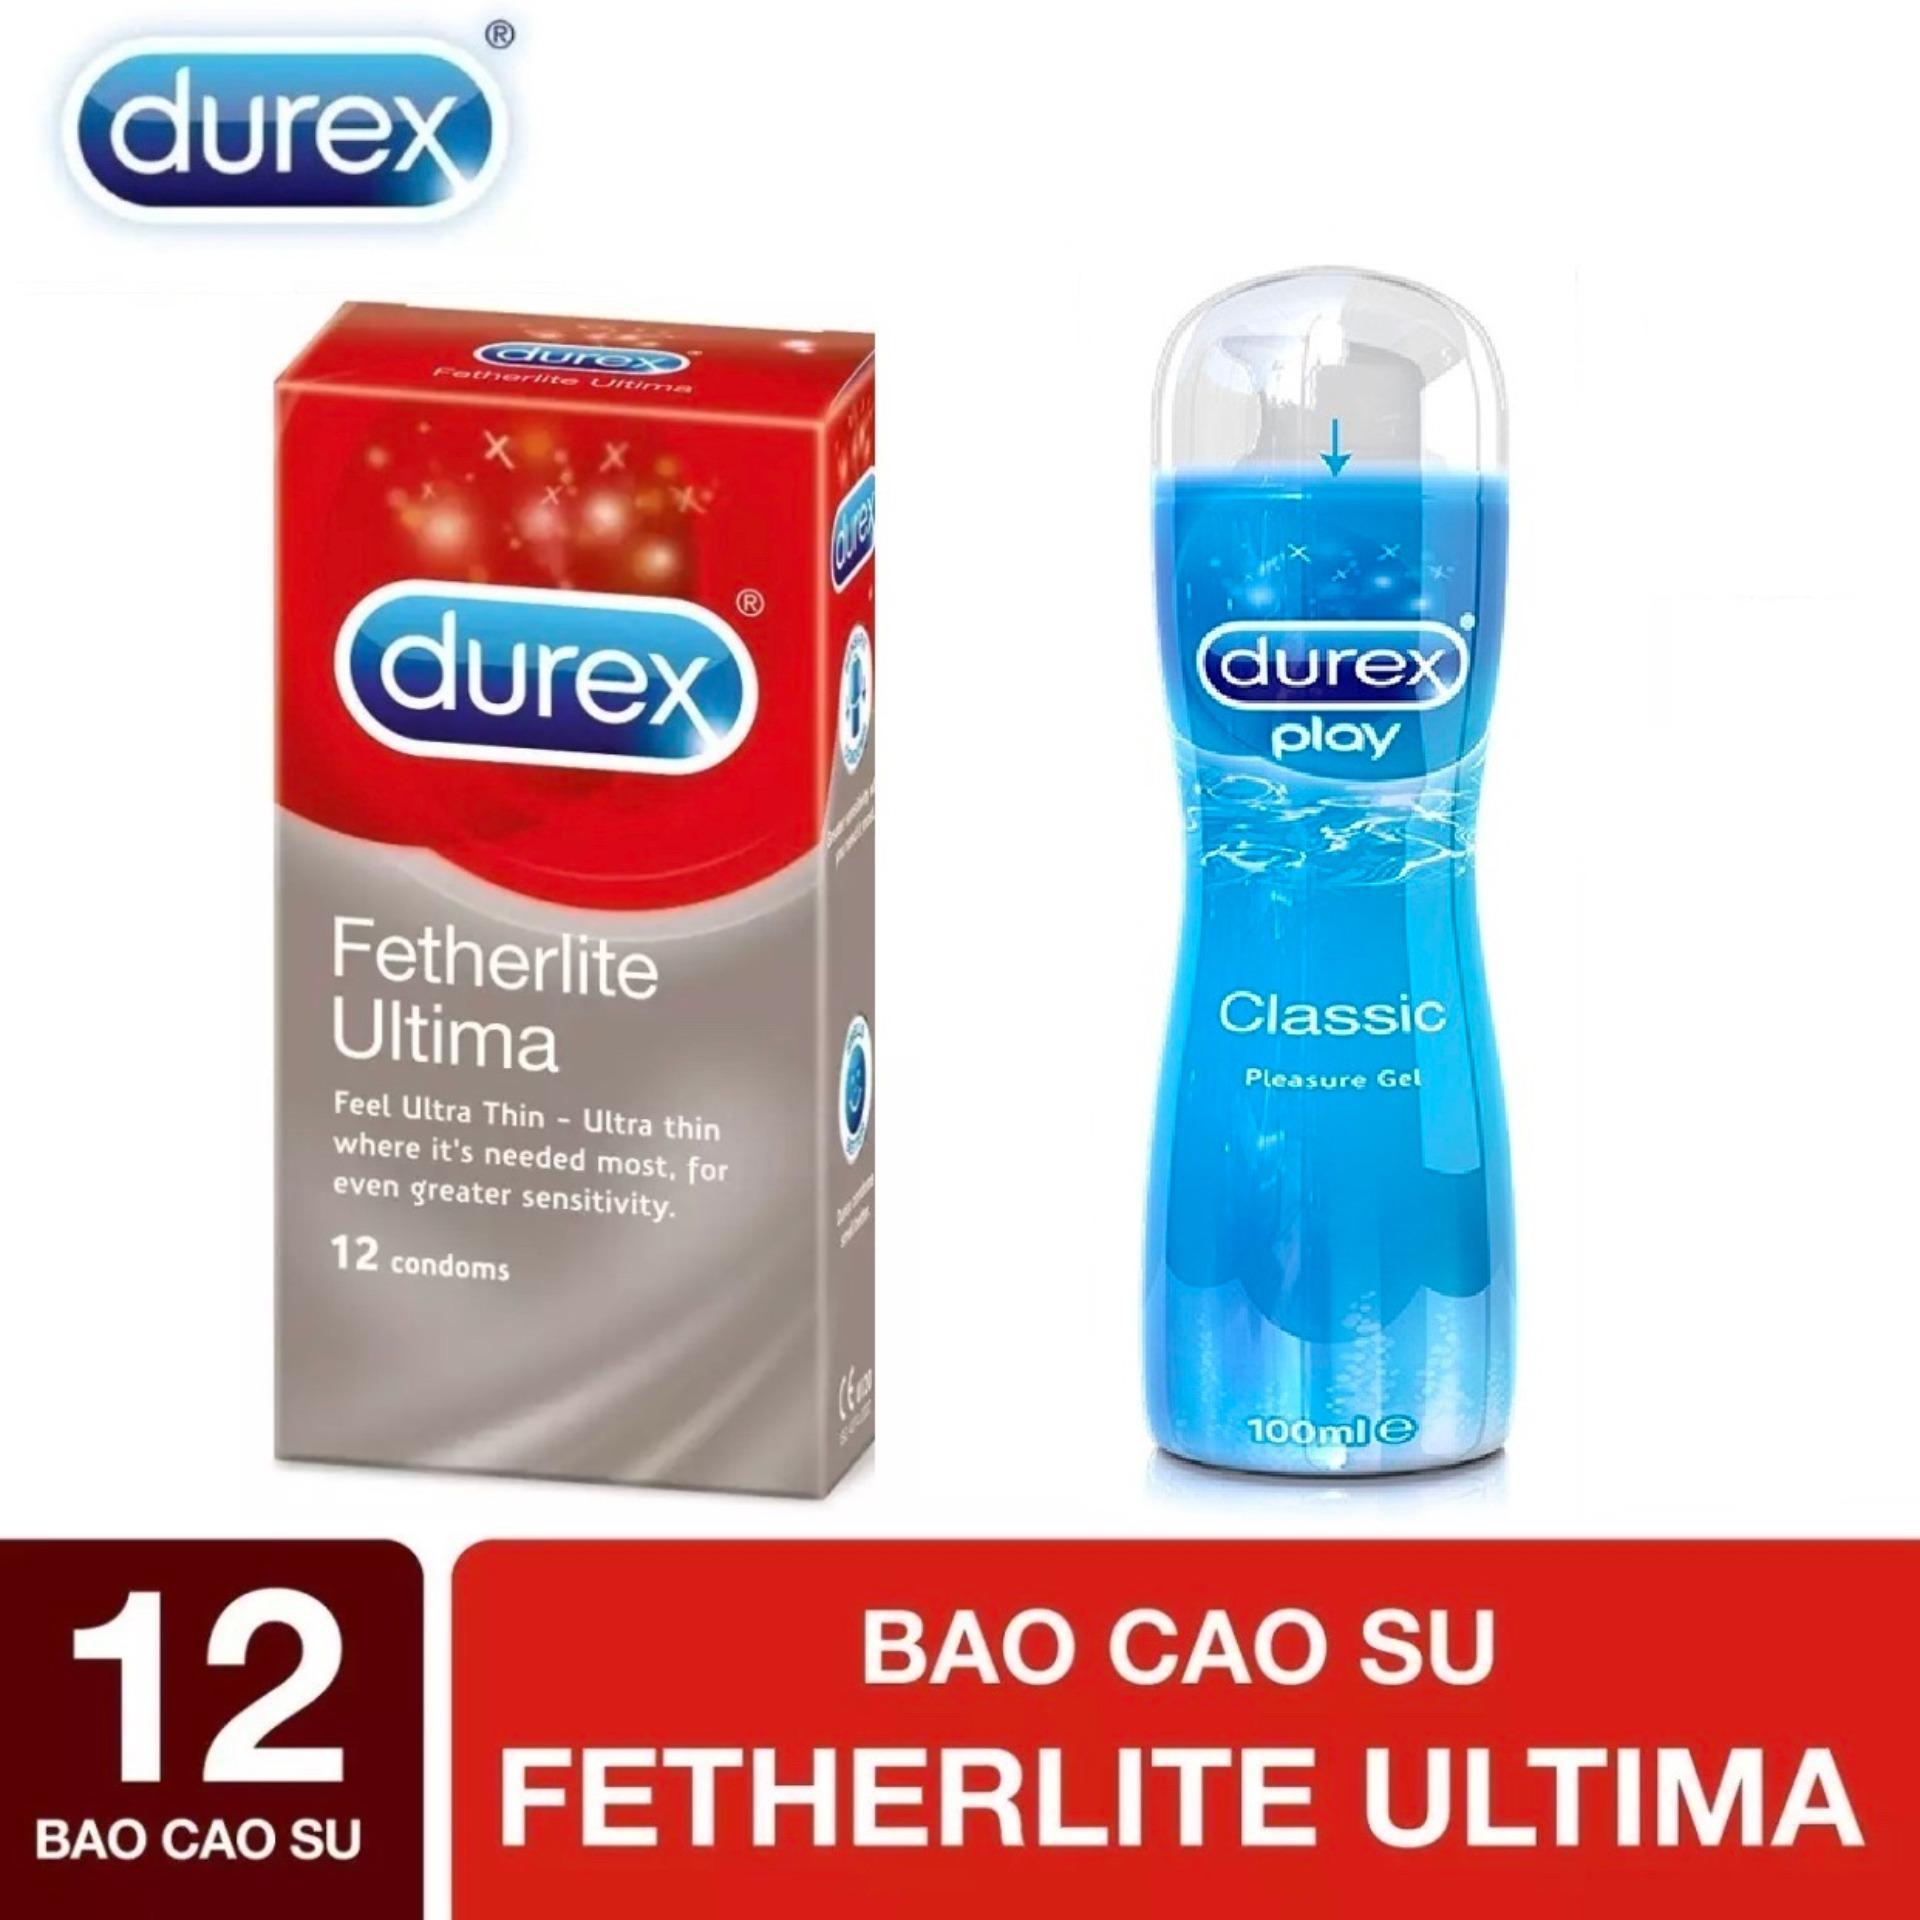 BCS Durex Fetherlite Ultima siêu mỏng 12s - tặng Gel bôi trơn Durex Play hoặc KY 50G [che tên sản phẩm]